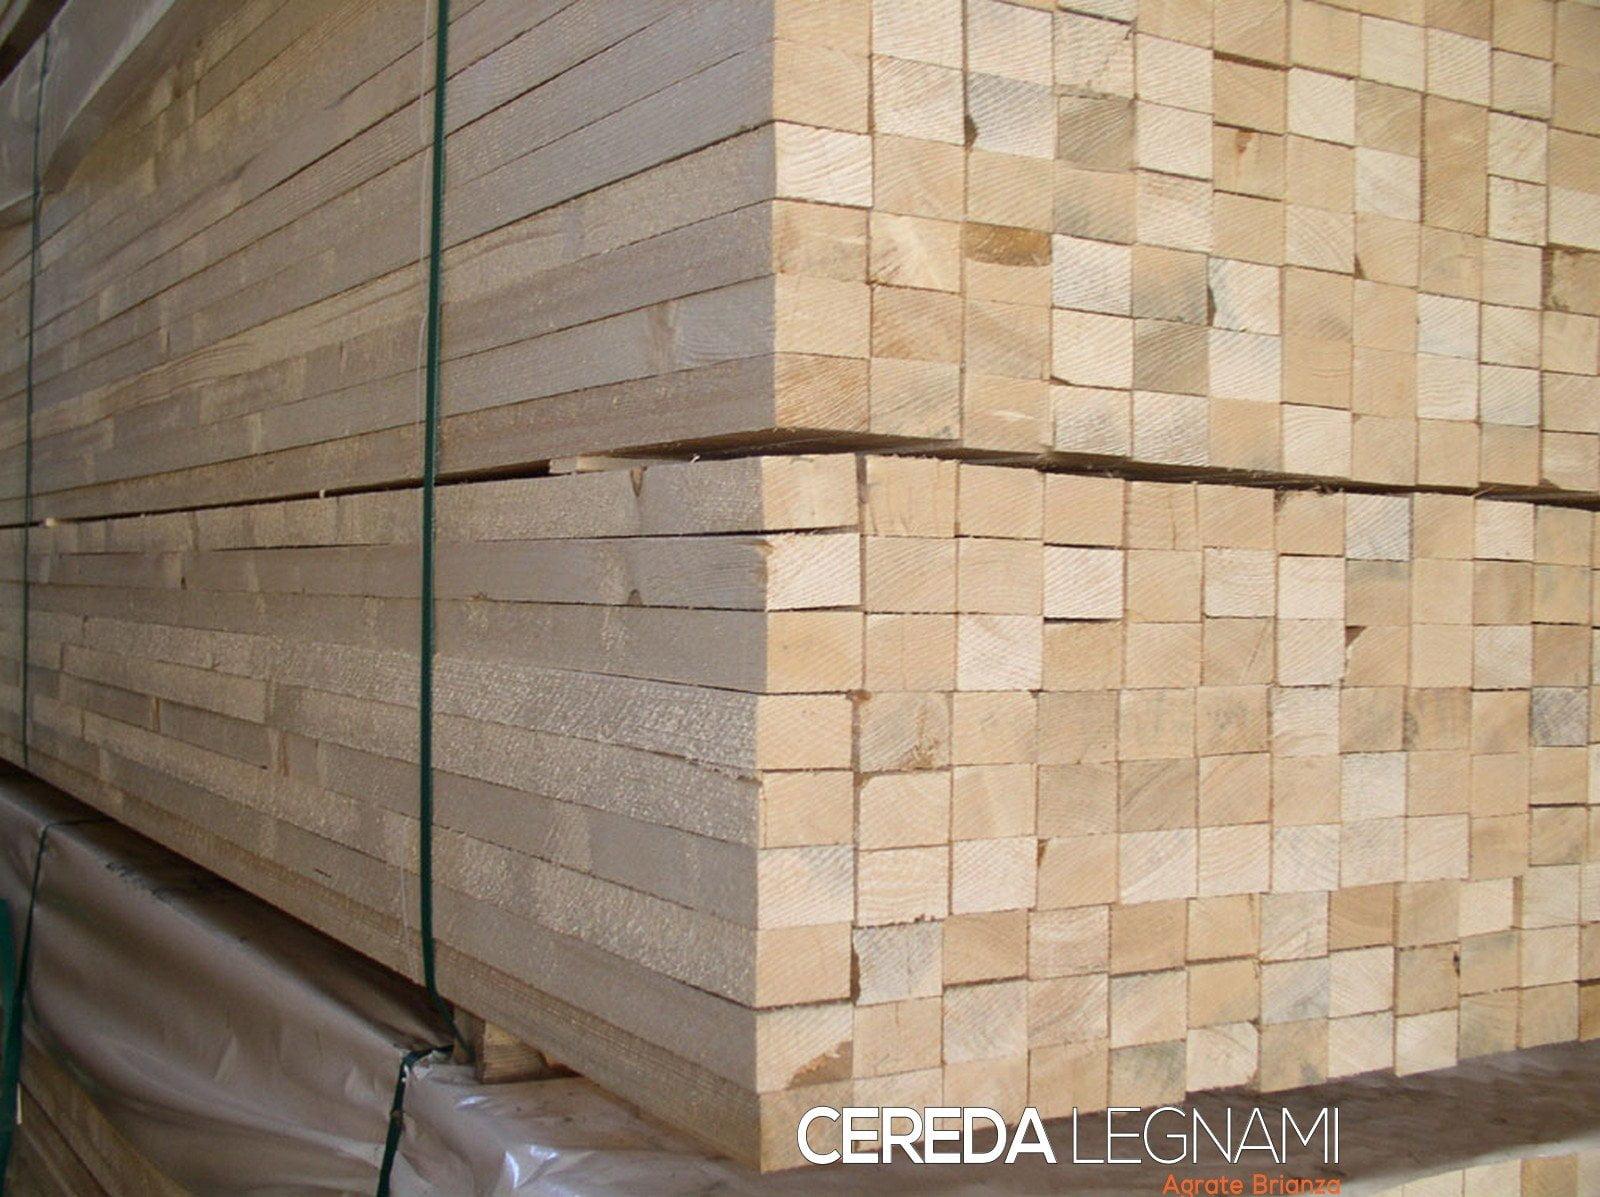 Listelli legno cereda legnami agrate brianza for Cereda legnami